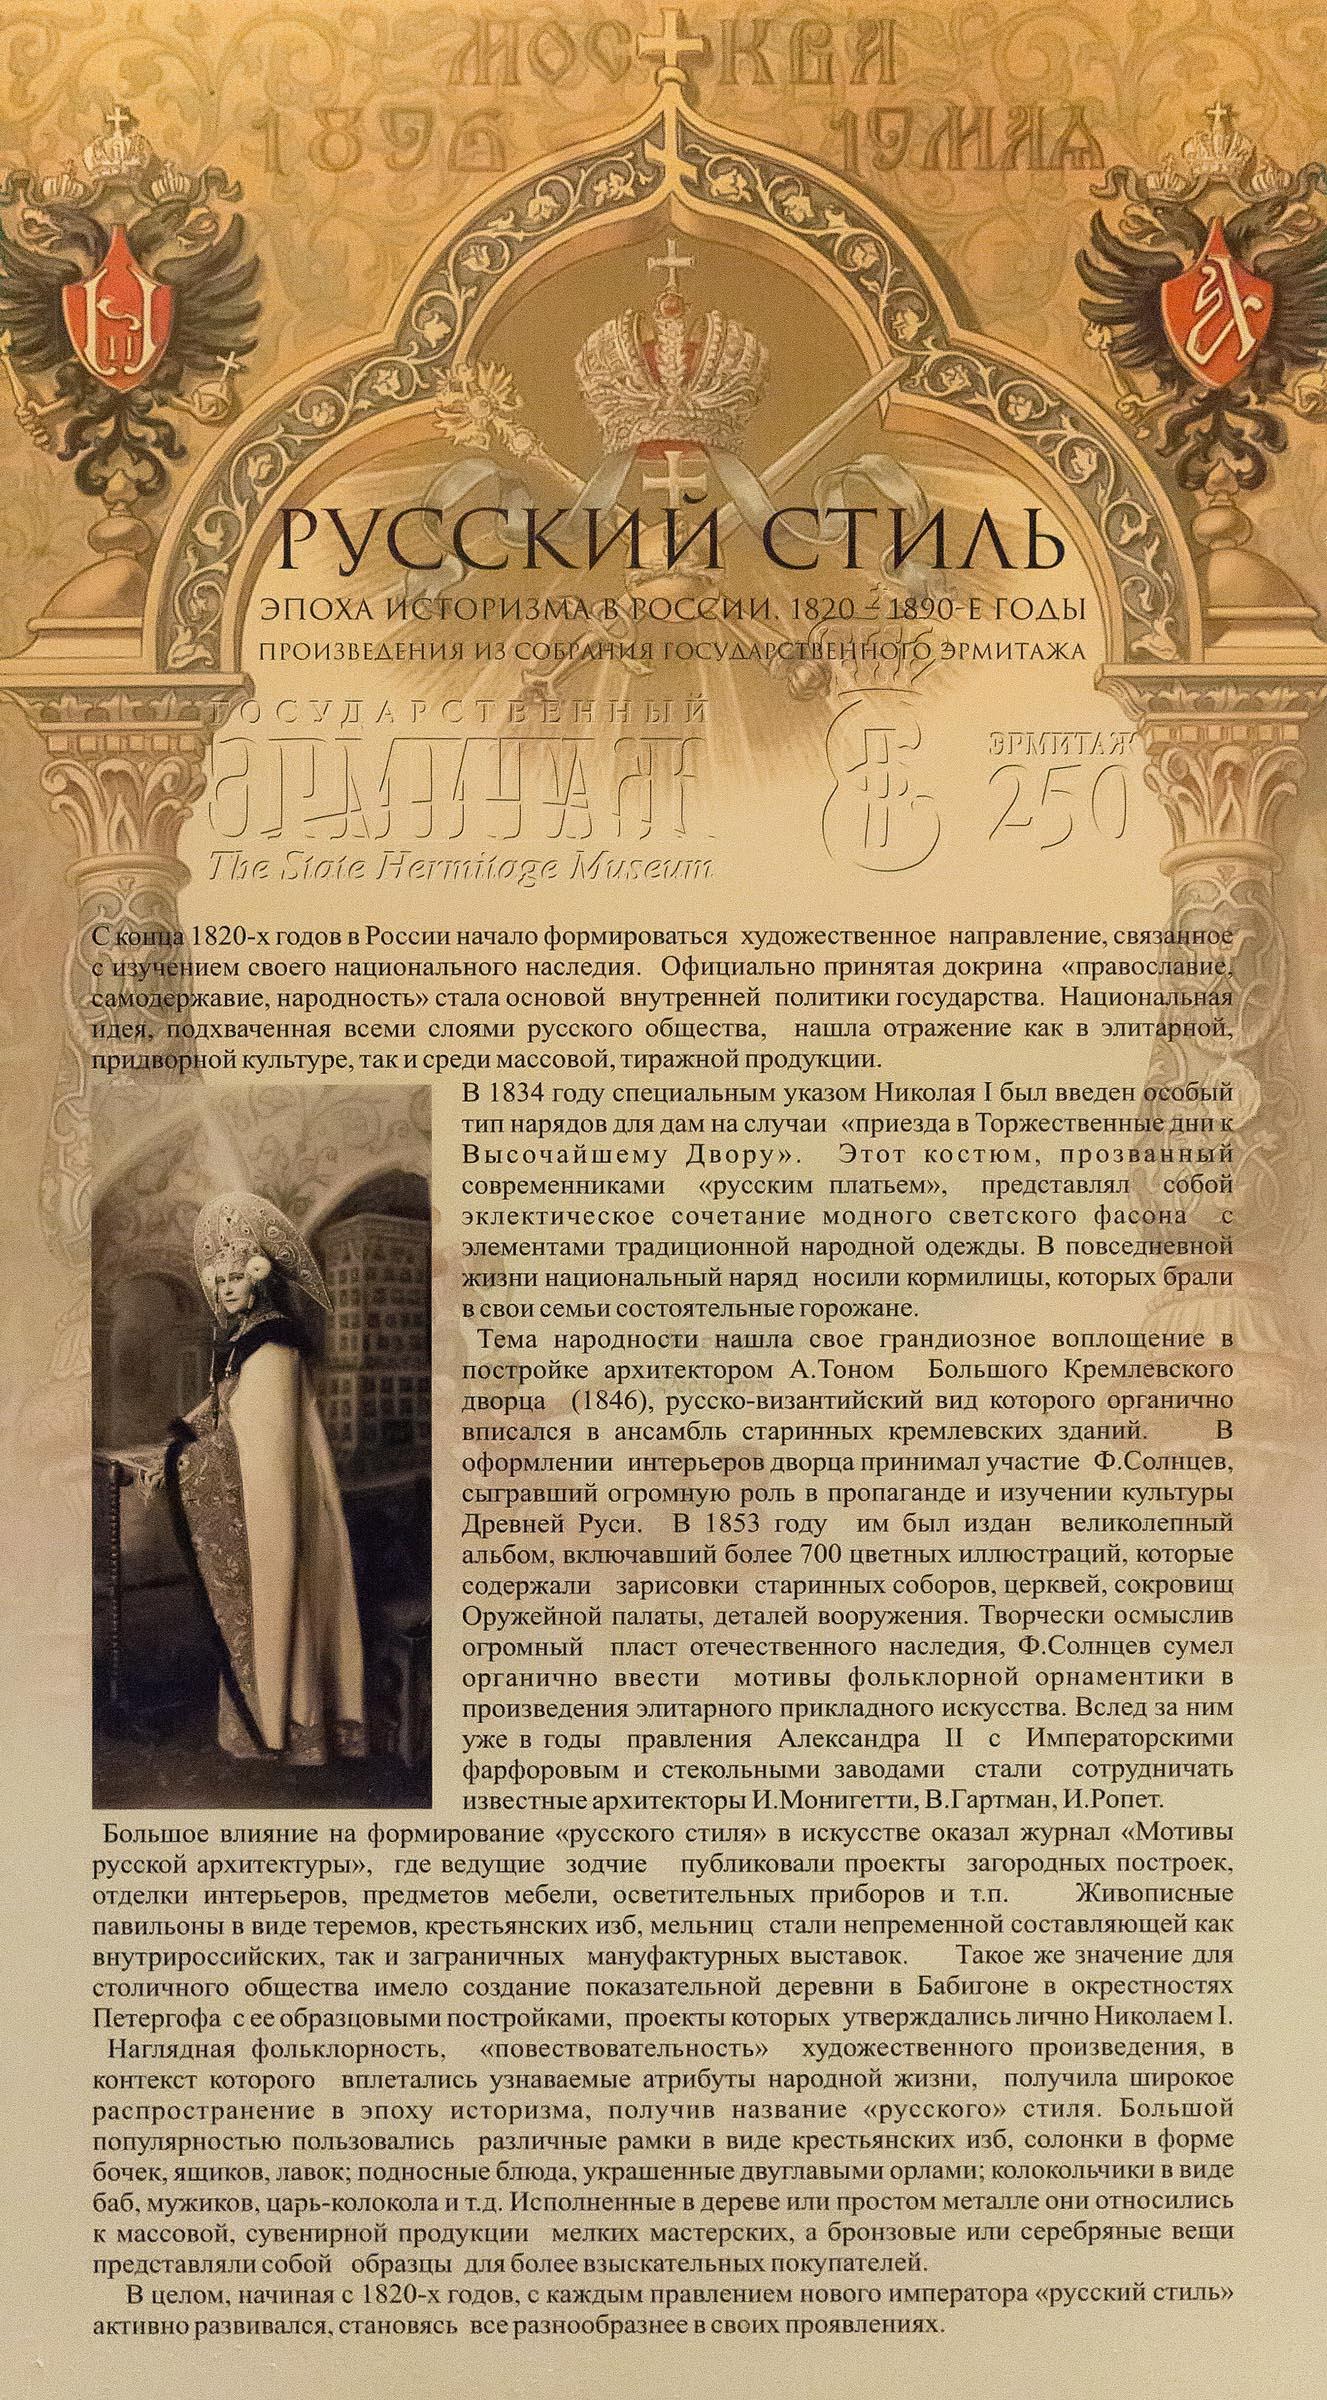 Фото №739410. Art16.ru Photo archive